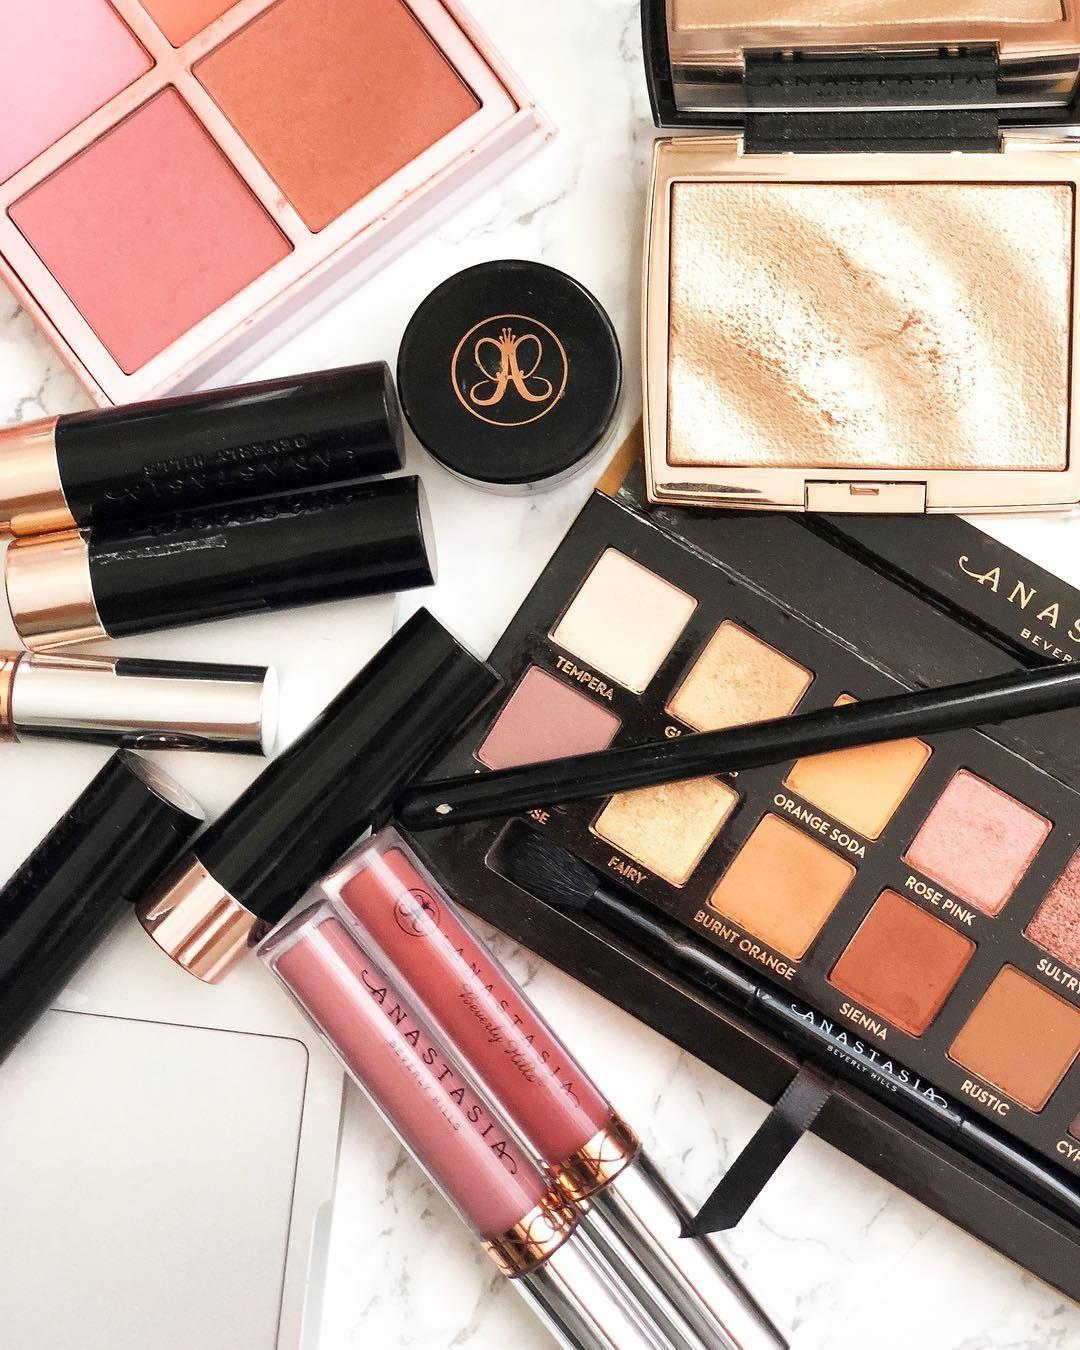 Anastasia Beverly Hills Novina Palette + Liquid Lipsticks